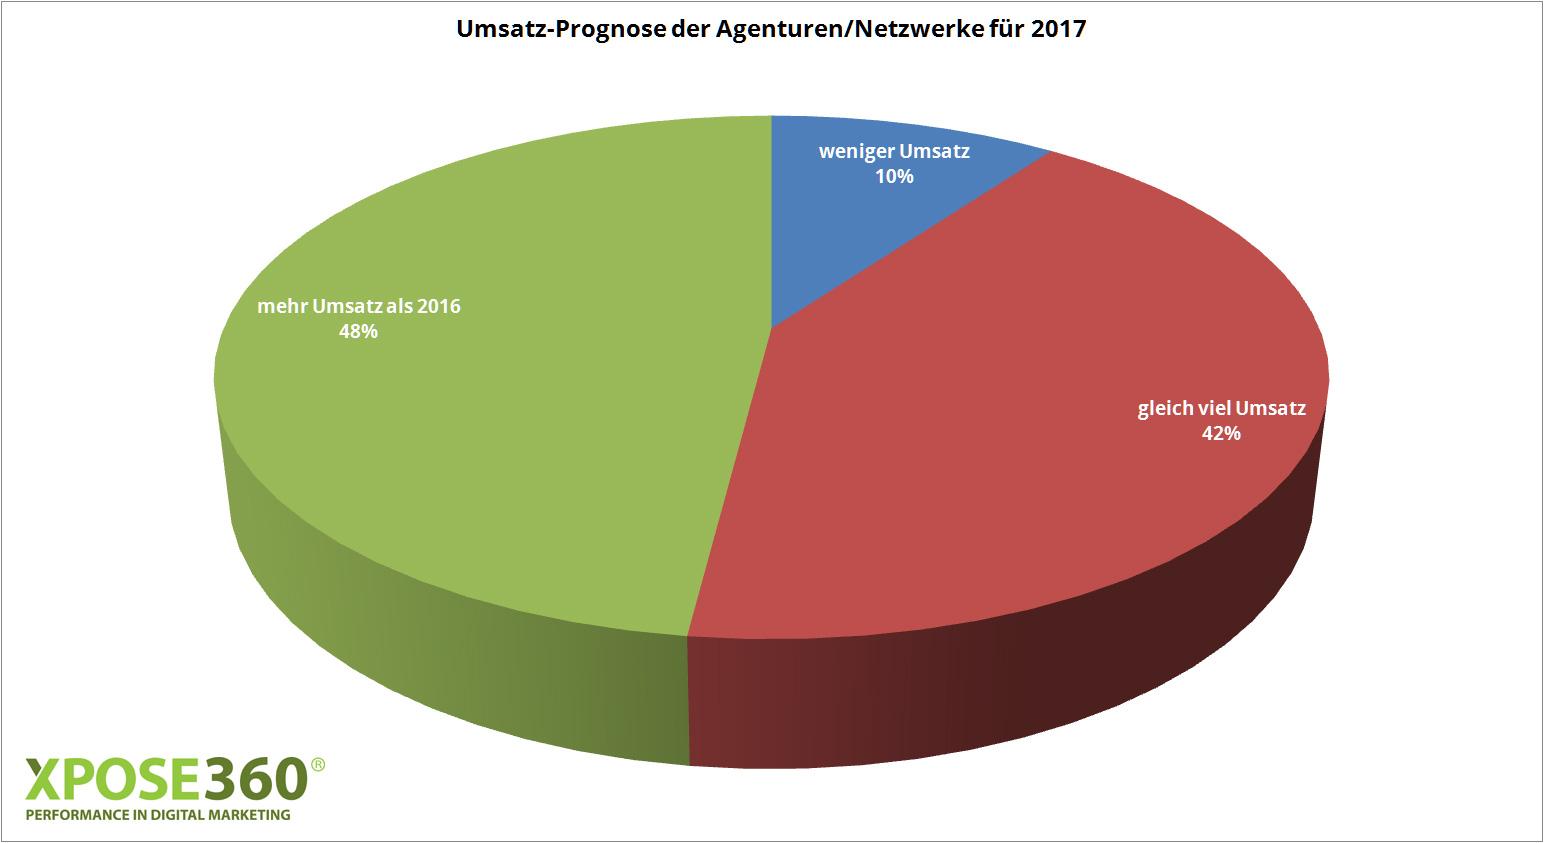 umsatz-prognose-2017-agenturen-netzwerke